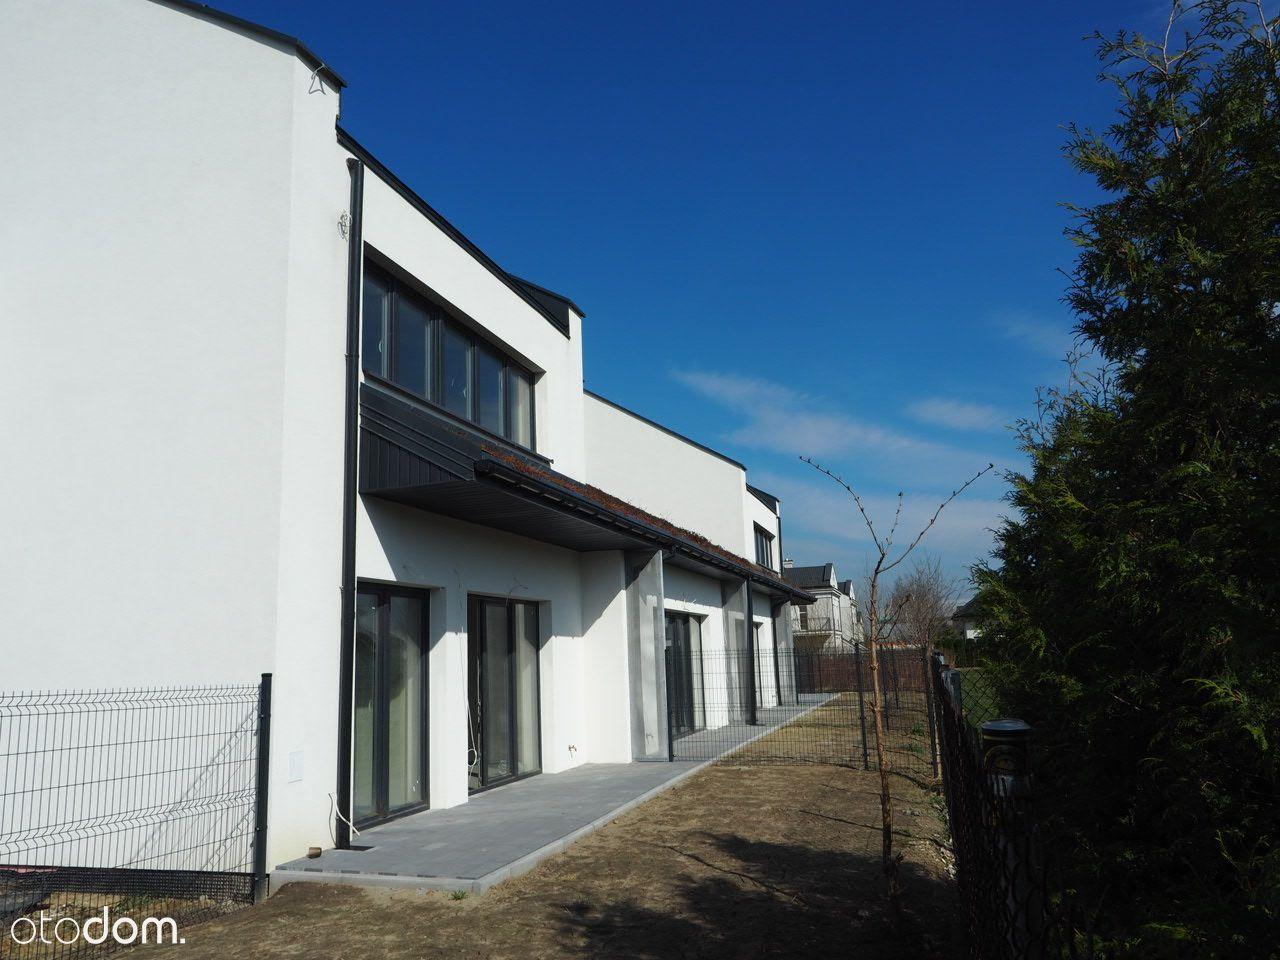 Mieszkanie 58,75 m2, działka, 2 miejsca postojowe